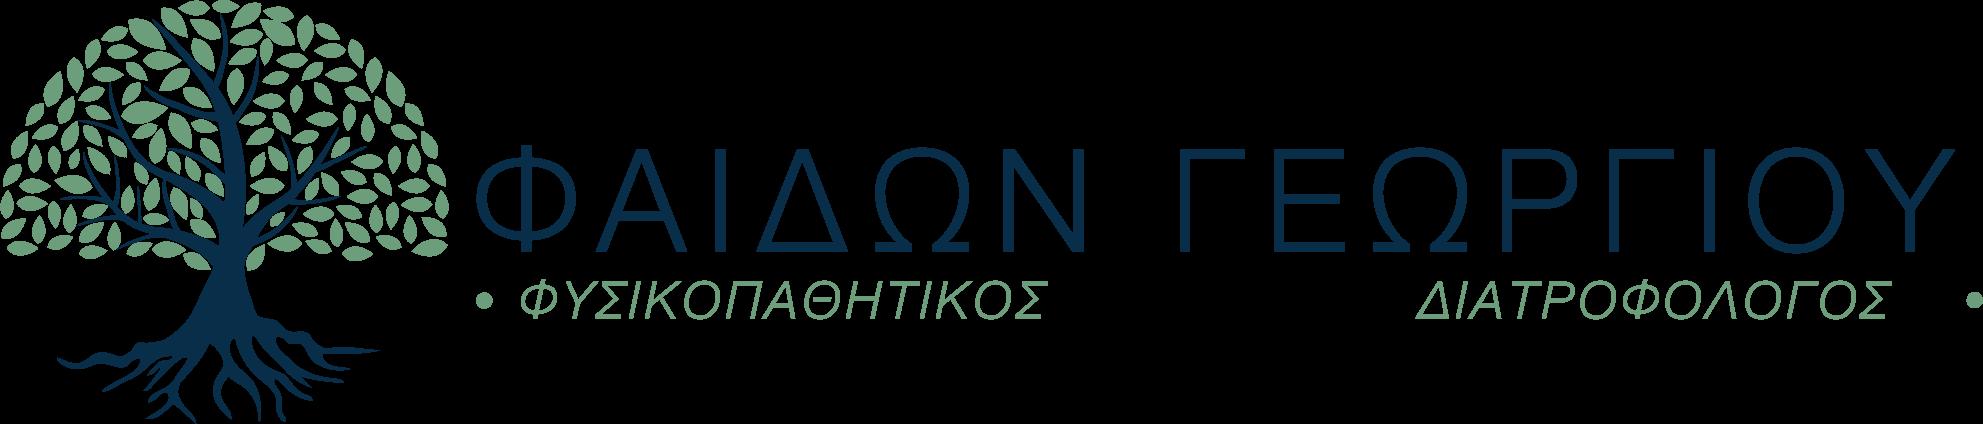 Fedon Georgiou